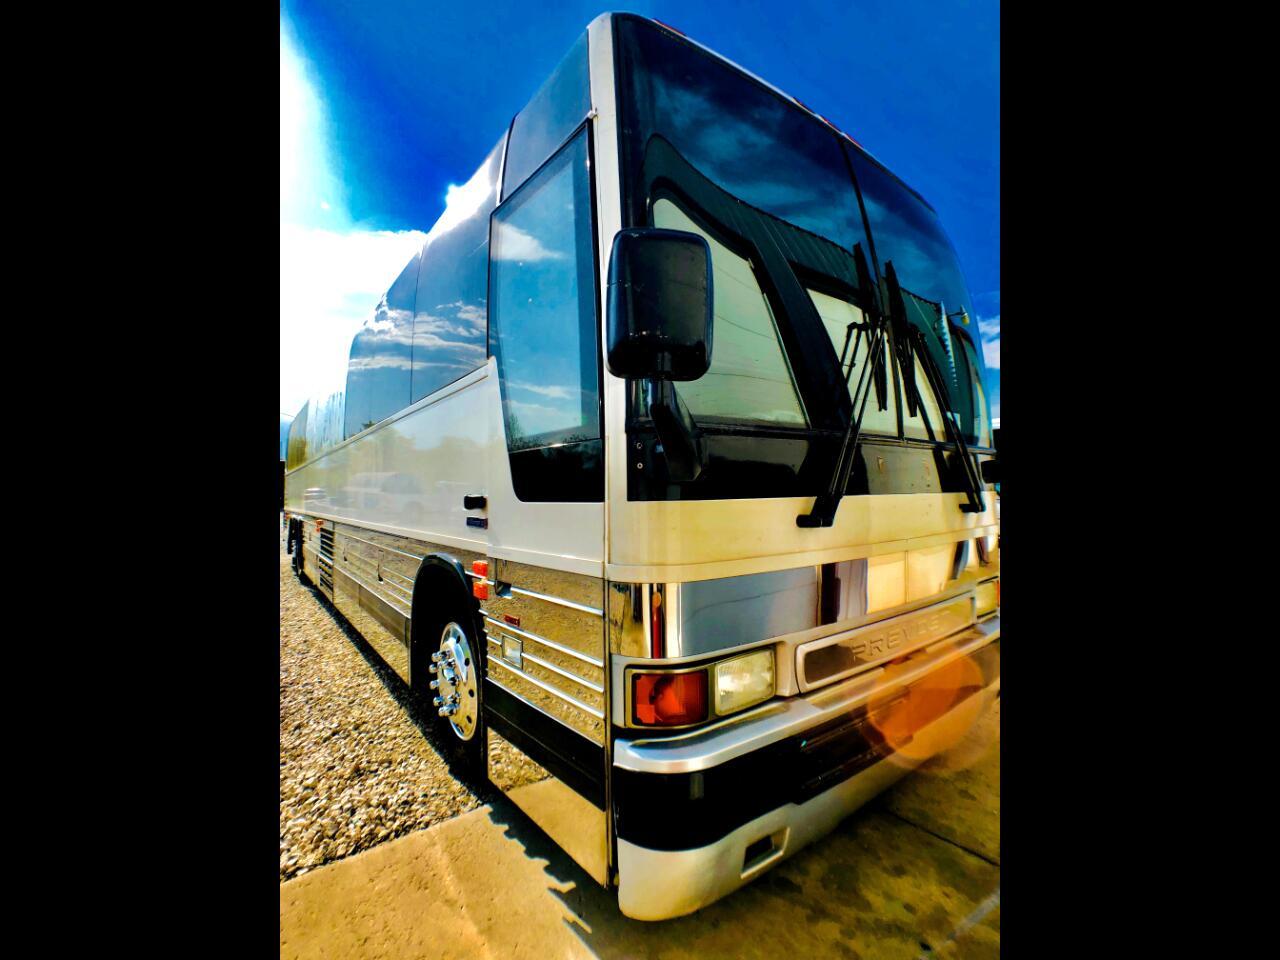 2002 Prevost Bus